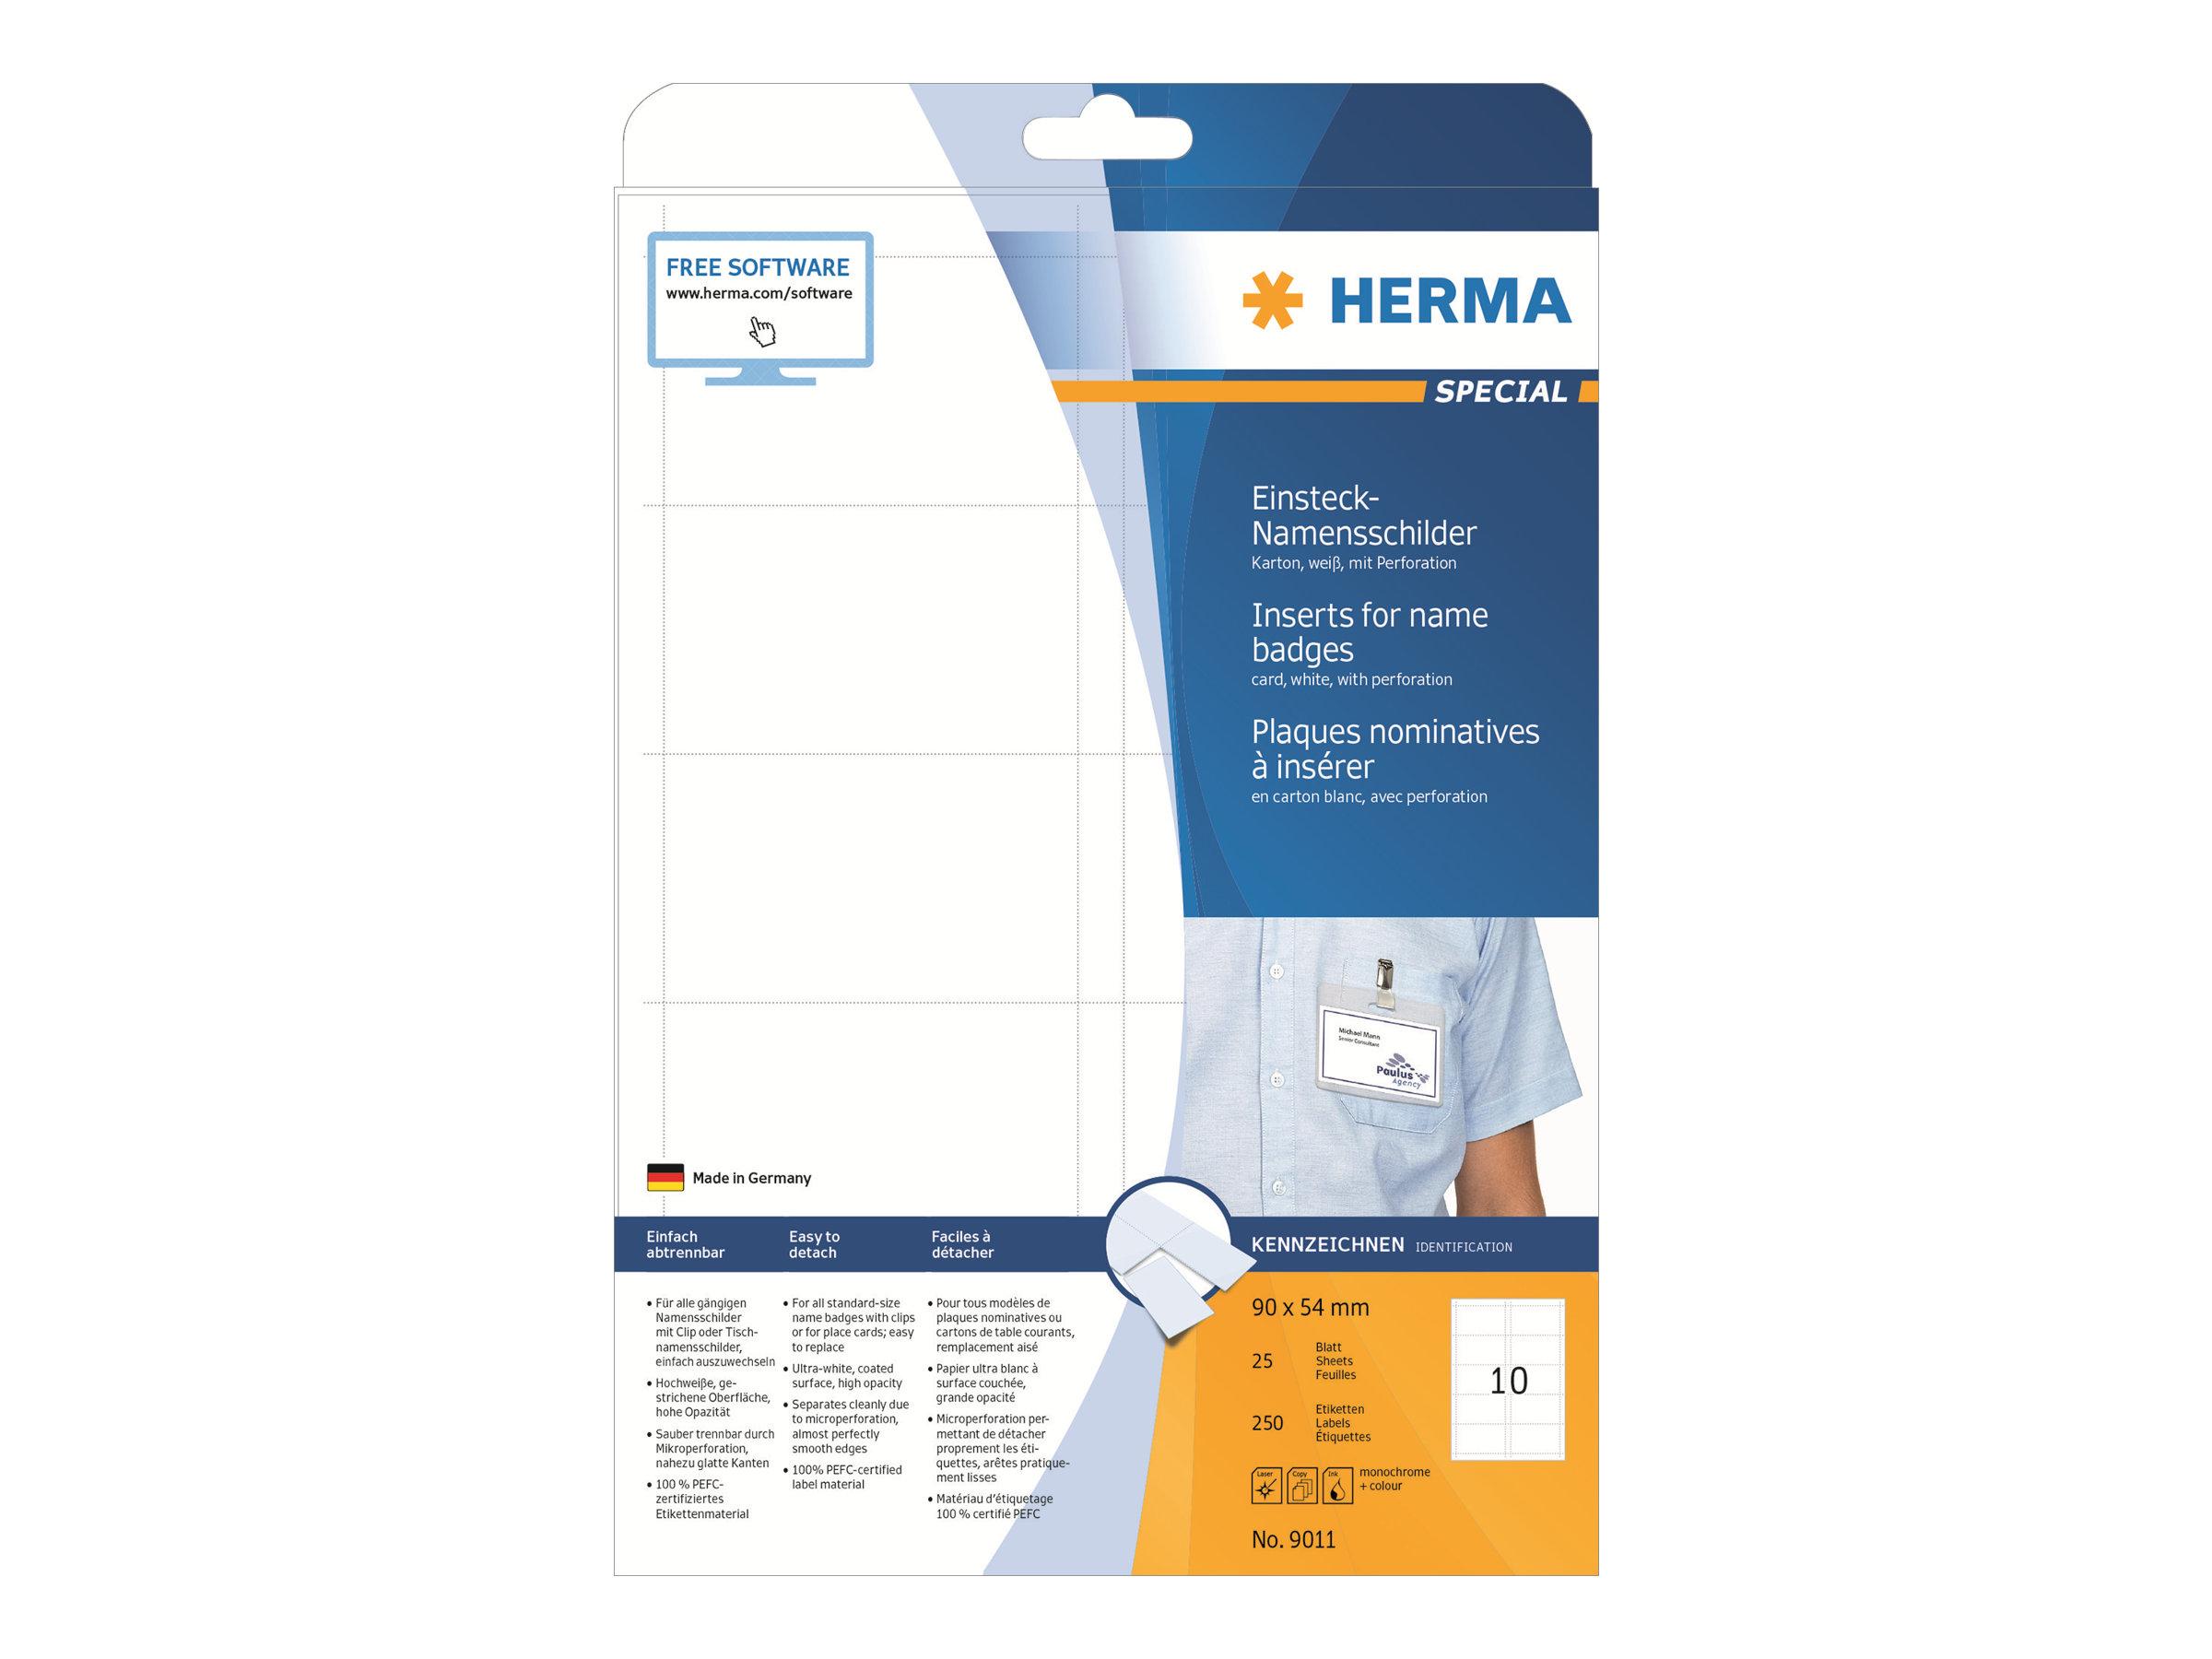 HERMA Special - Nicht klebend - weiß - 90 x 54 mm 250 Karte(n) (25 Bogen x 10)